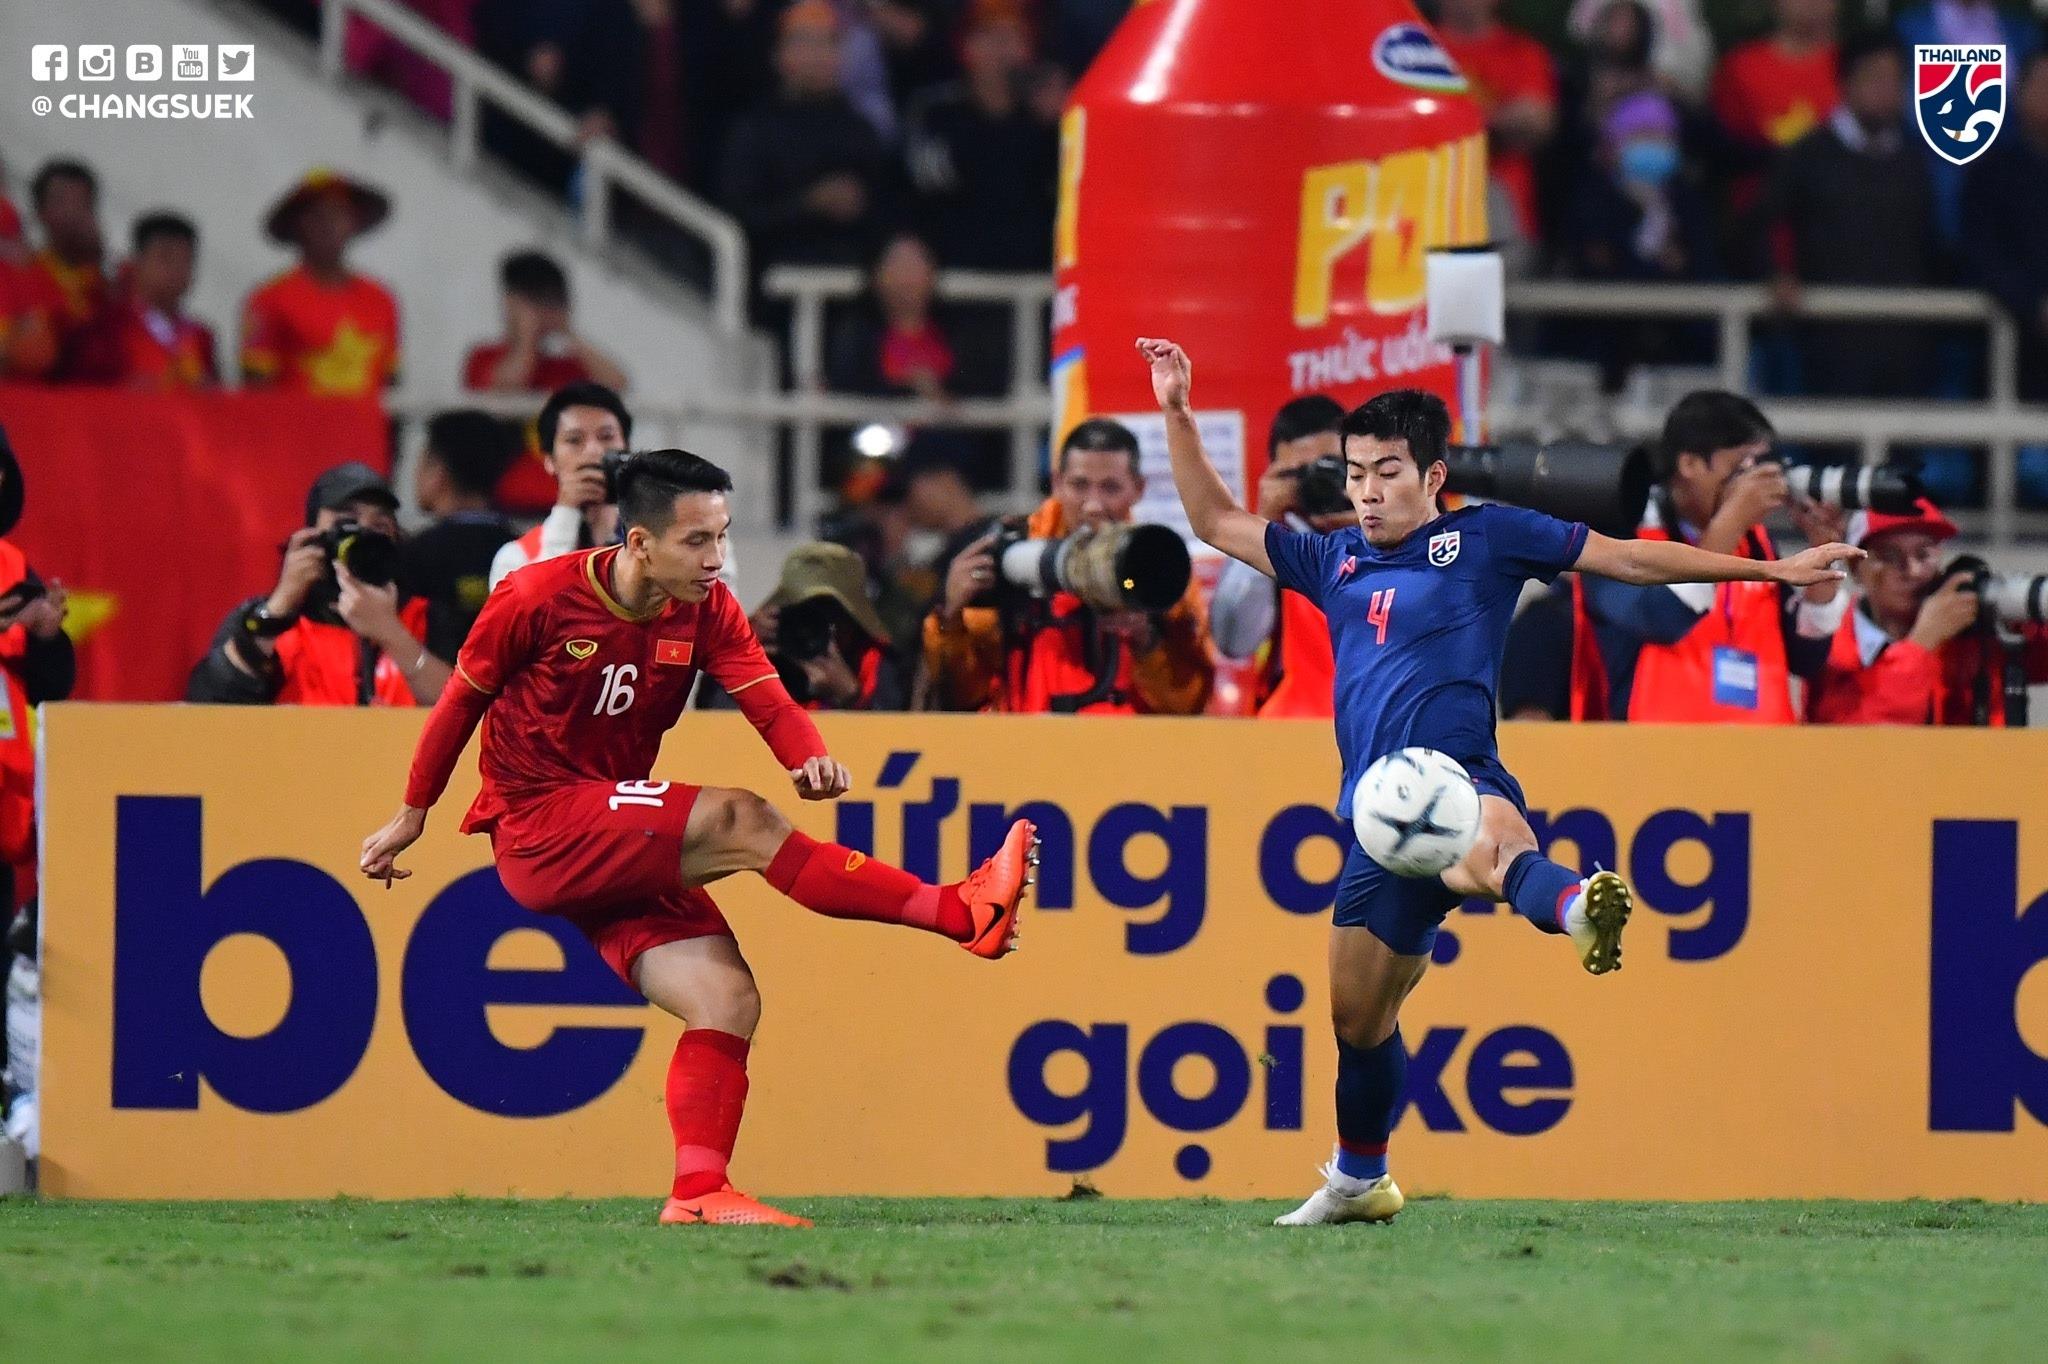 Hòa Thái Lan, Việt Nam cần bao nhiêu điểm nữa để đi tiếp ở World Cup 2022? - Bóng Đá